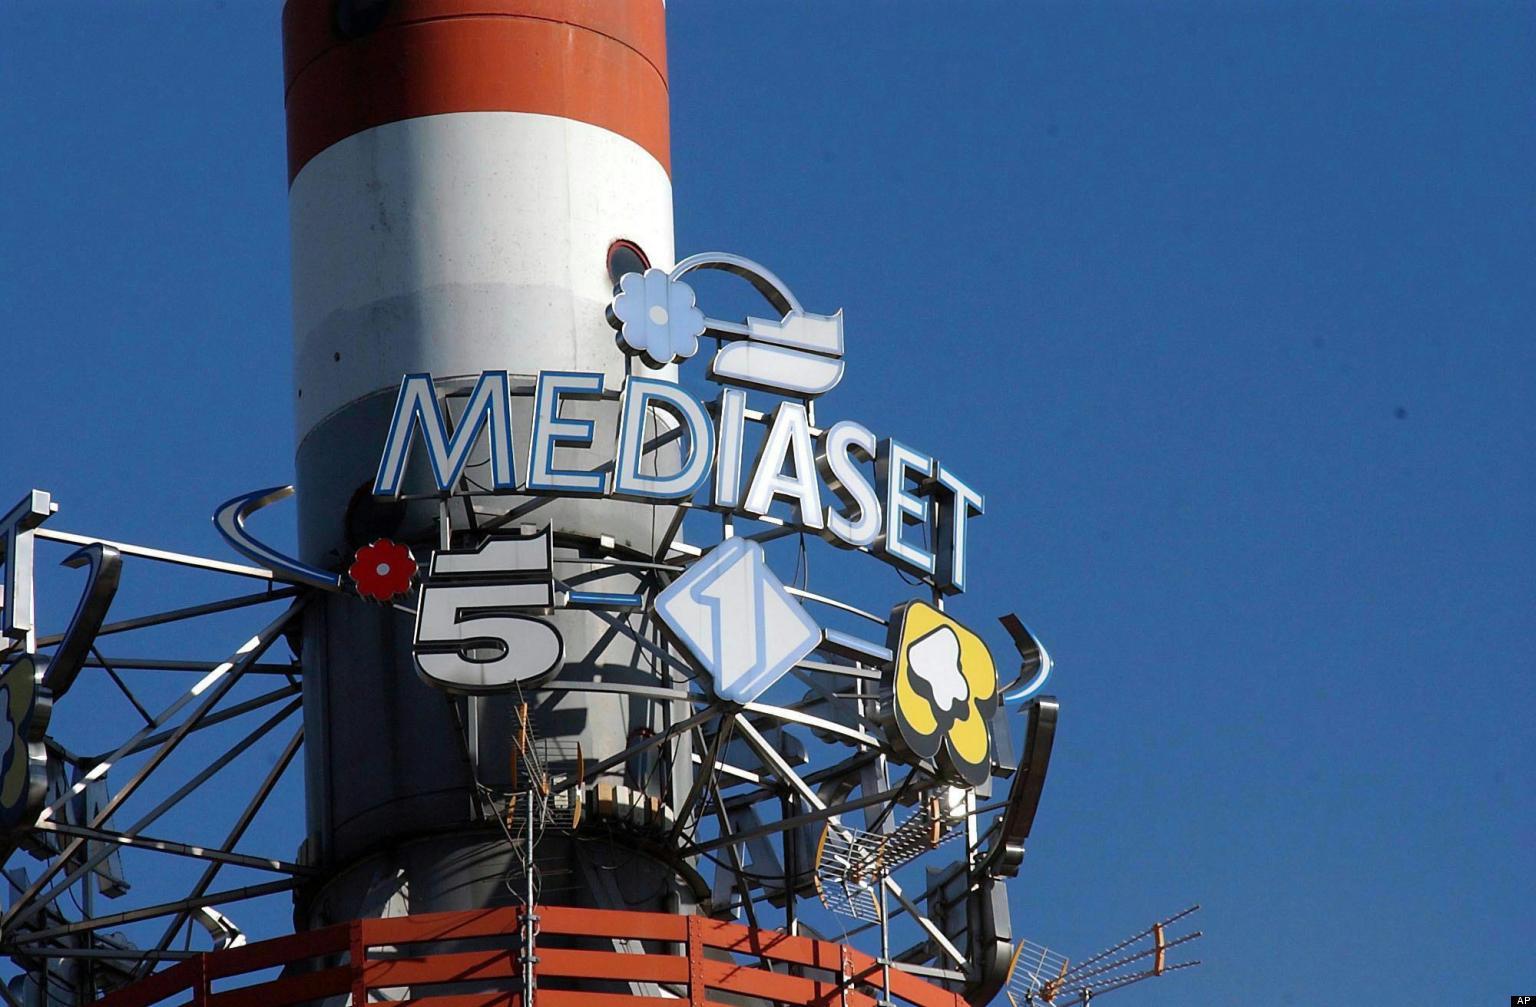 La nuova proposta di Vivendi per Mediaset